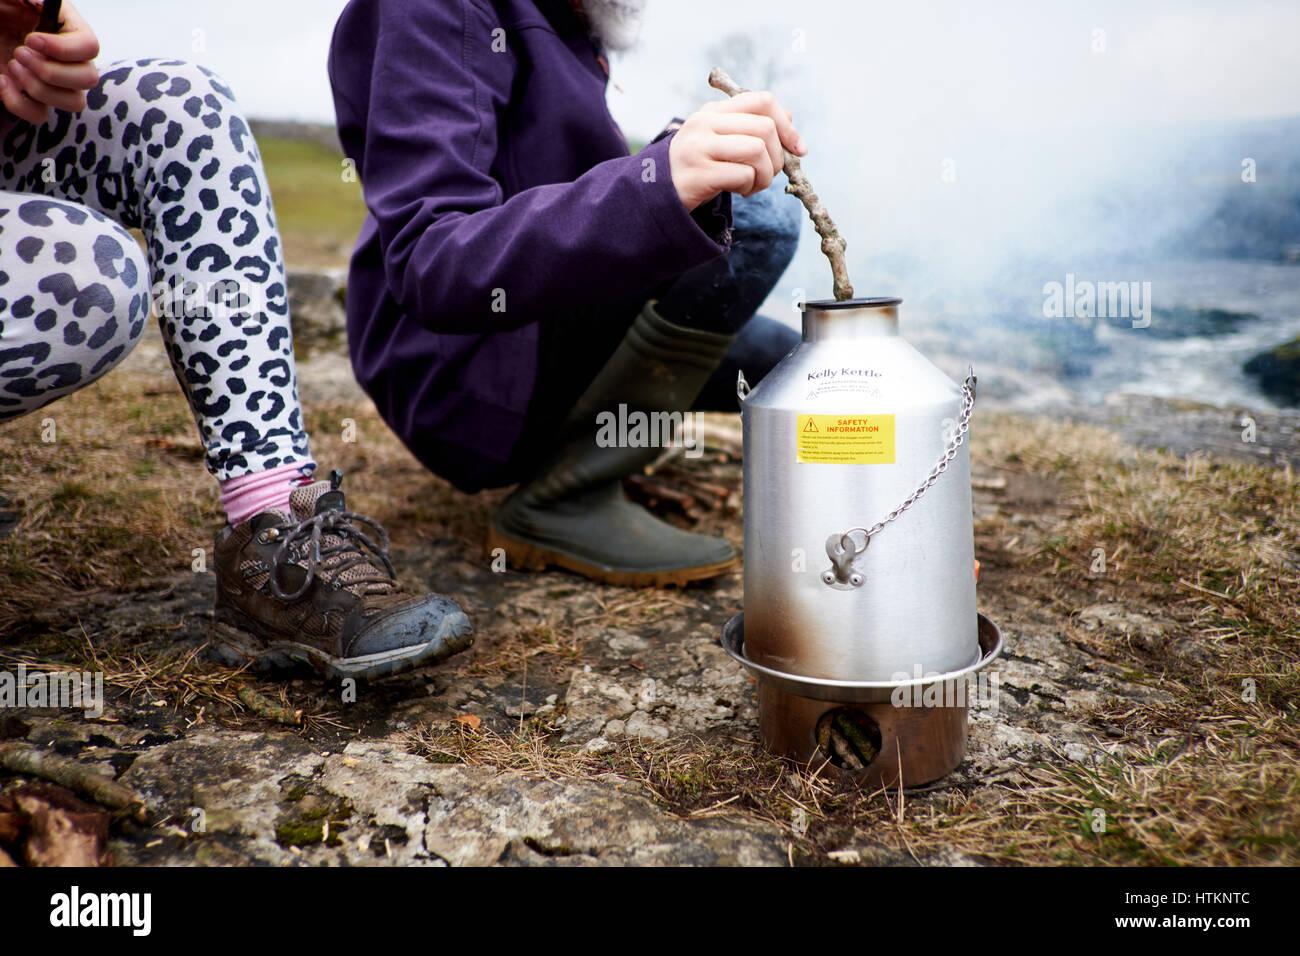 Dos niños al aire libre alrededor de una estufa de leña Kelly hervidor de agua hervidor de agua de alimentación Imagen De Stock